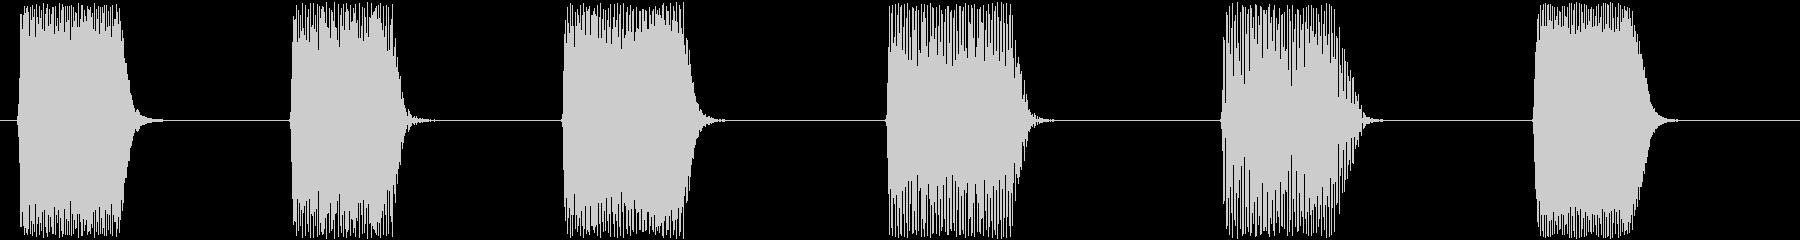 効果音。ピロリロ音(ゲーム音)の未再生の波形